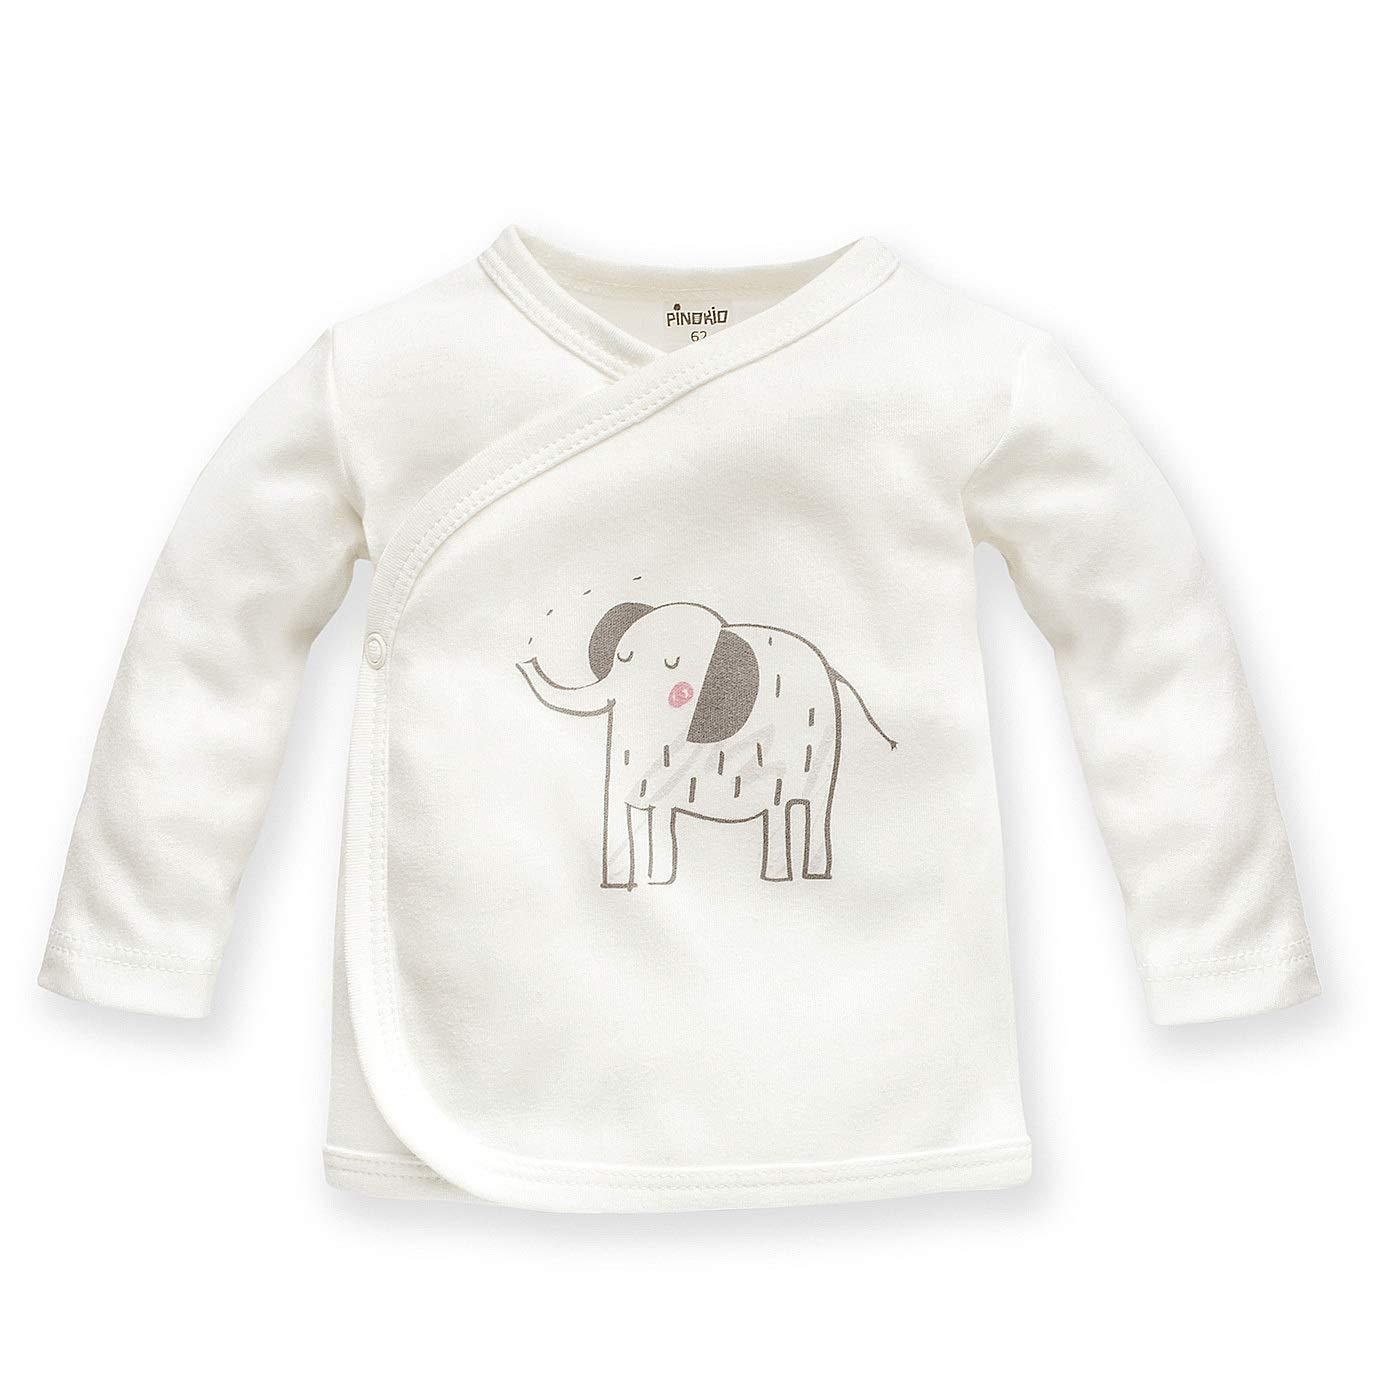 Wei/ß 56 Baby Wickelshirt langarm Elefant Zoo Motiv M/ädchen Kinder Wickelhemd Wickeljacke Oberteil unifarben Fl/ügelhemdchen Tier Unterw/äsche Langarmshirt Fl/ügelhemd